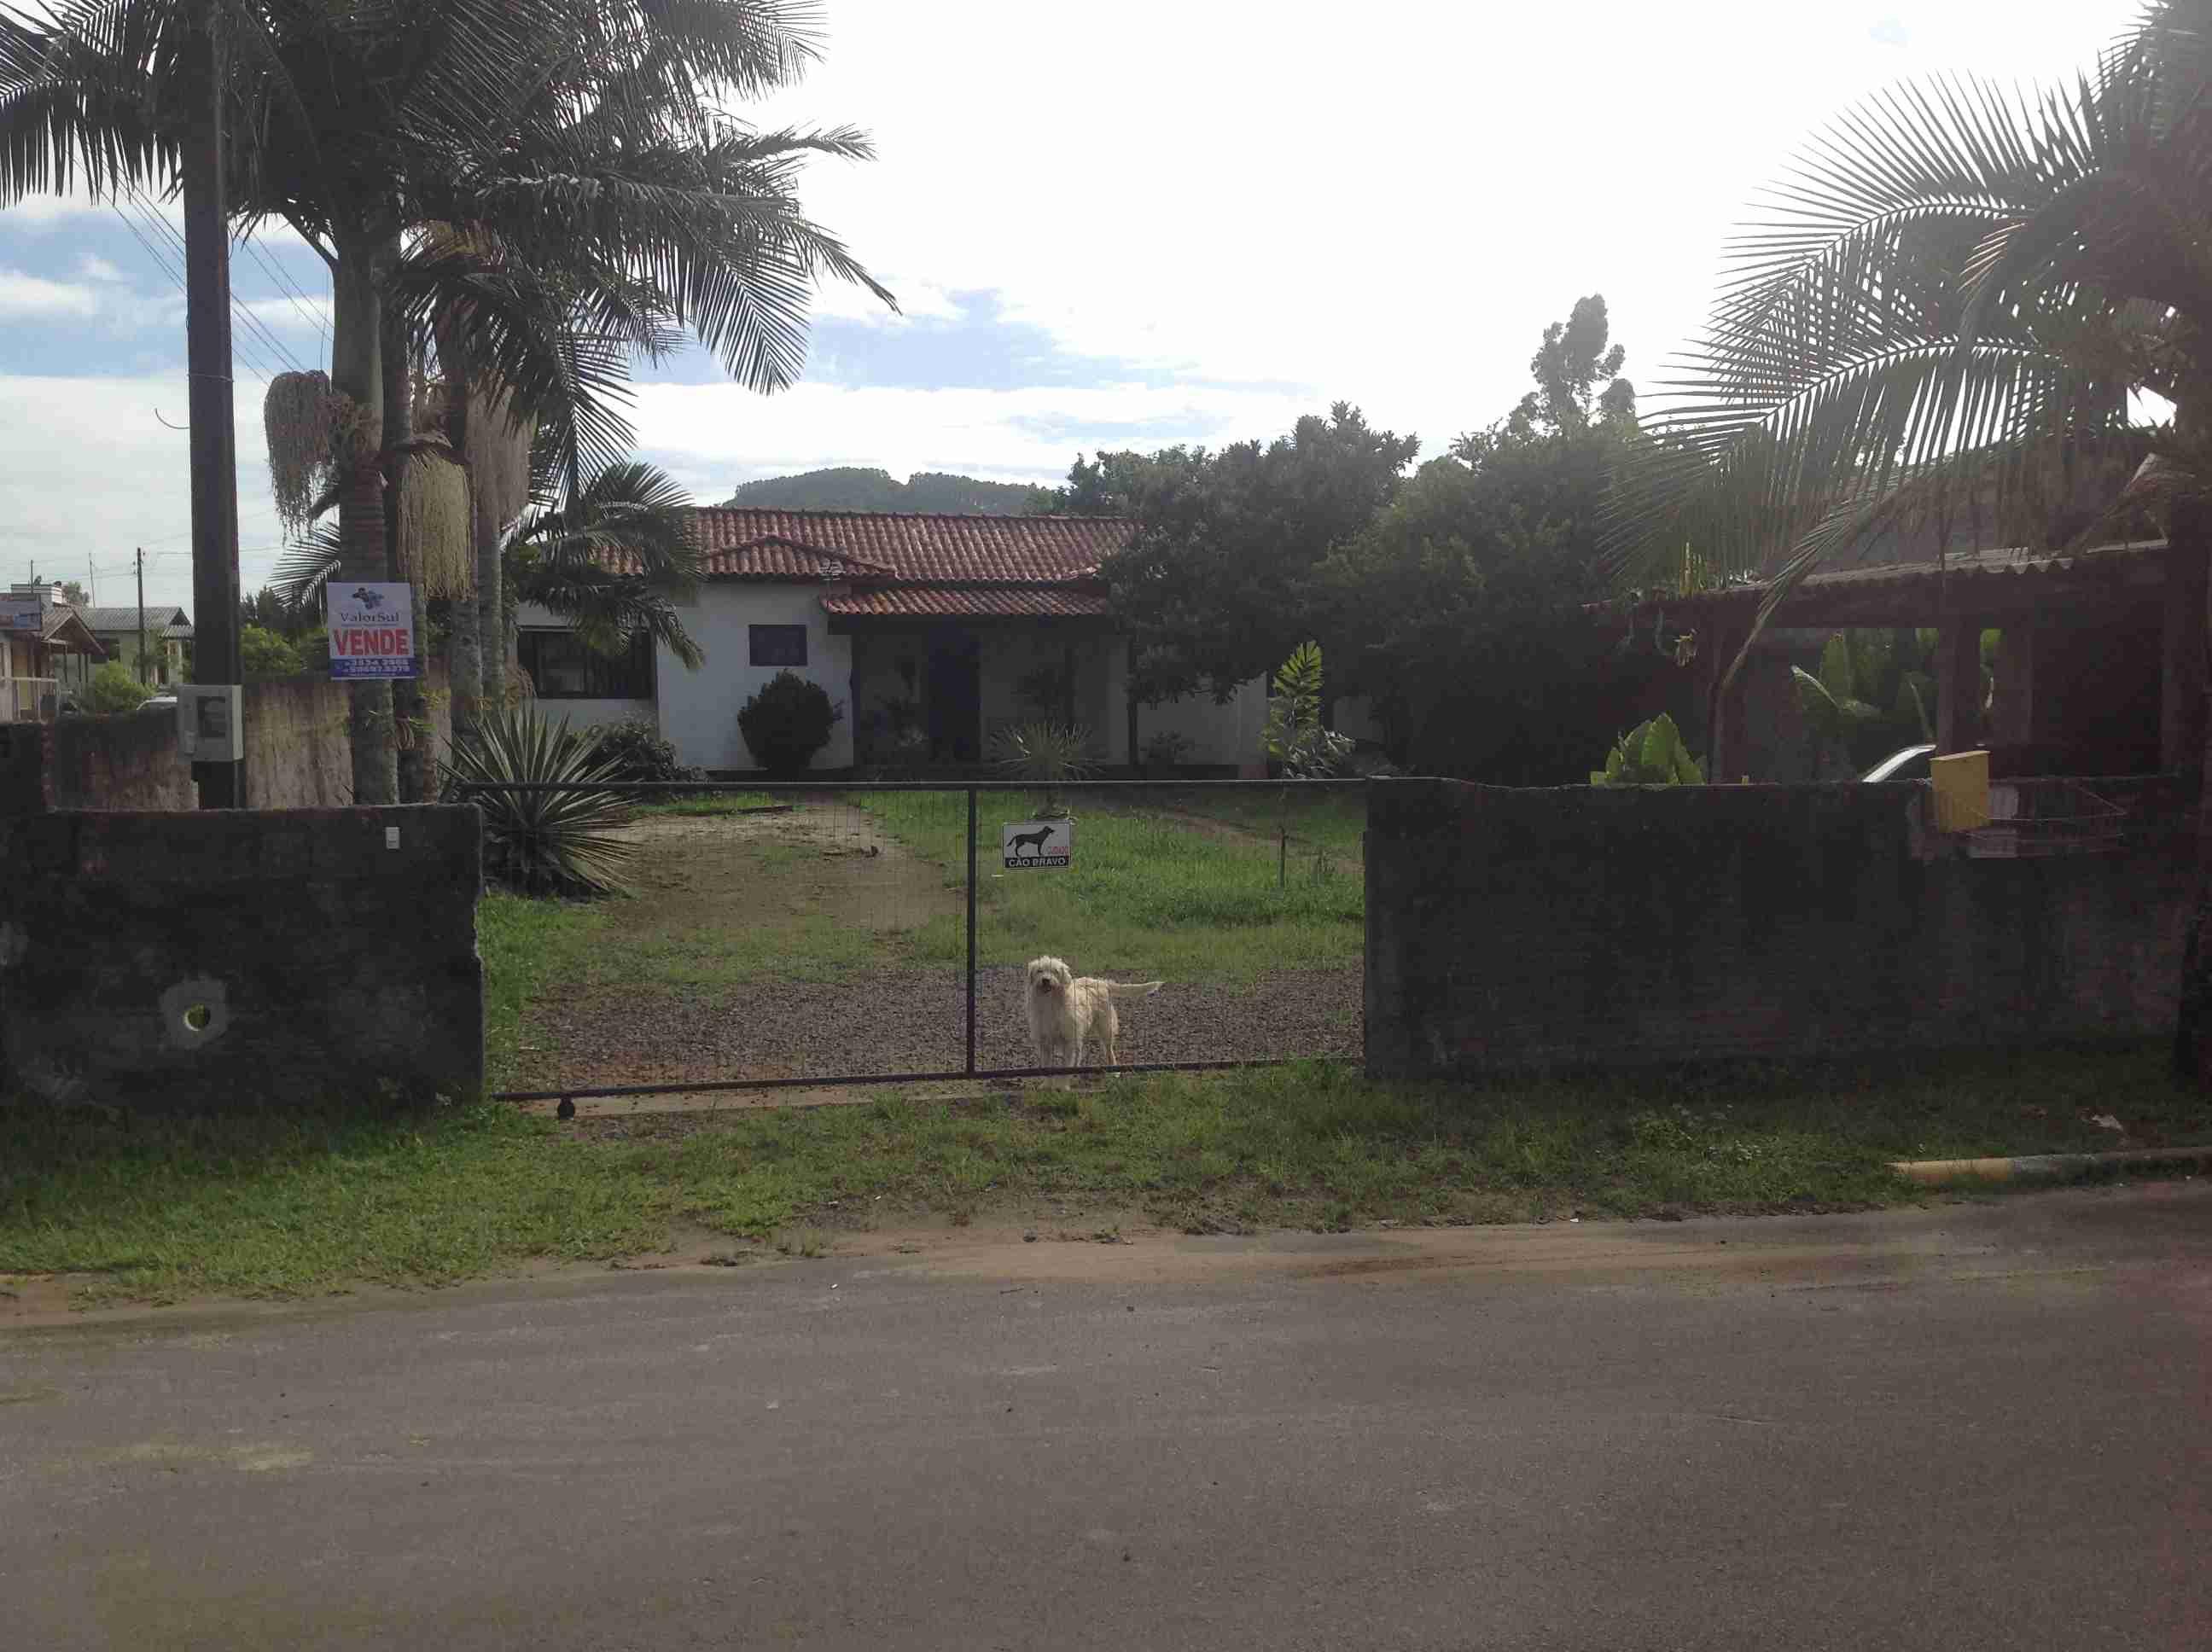 Casa de Alvenaria (071) 2 quartos,sala,cosinha,banheiro,área de serviço,garagem com churrasqueira,murada,lote esquina Avenida Damasio Peres,centro.